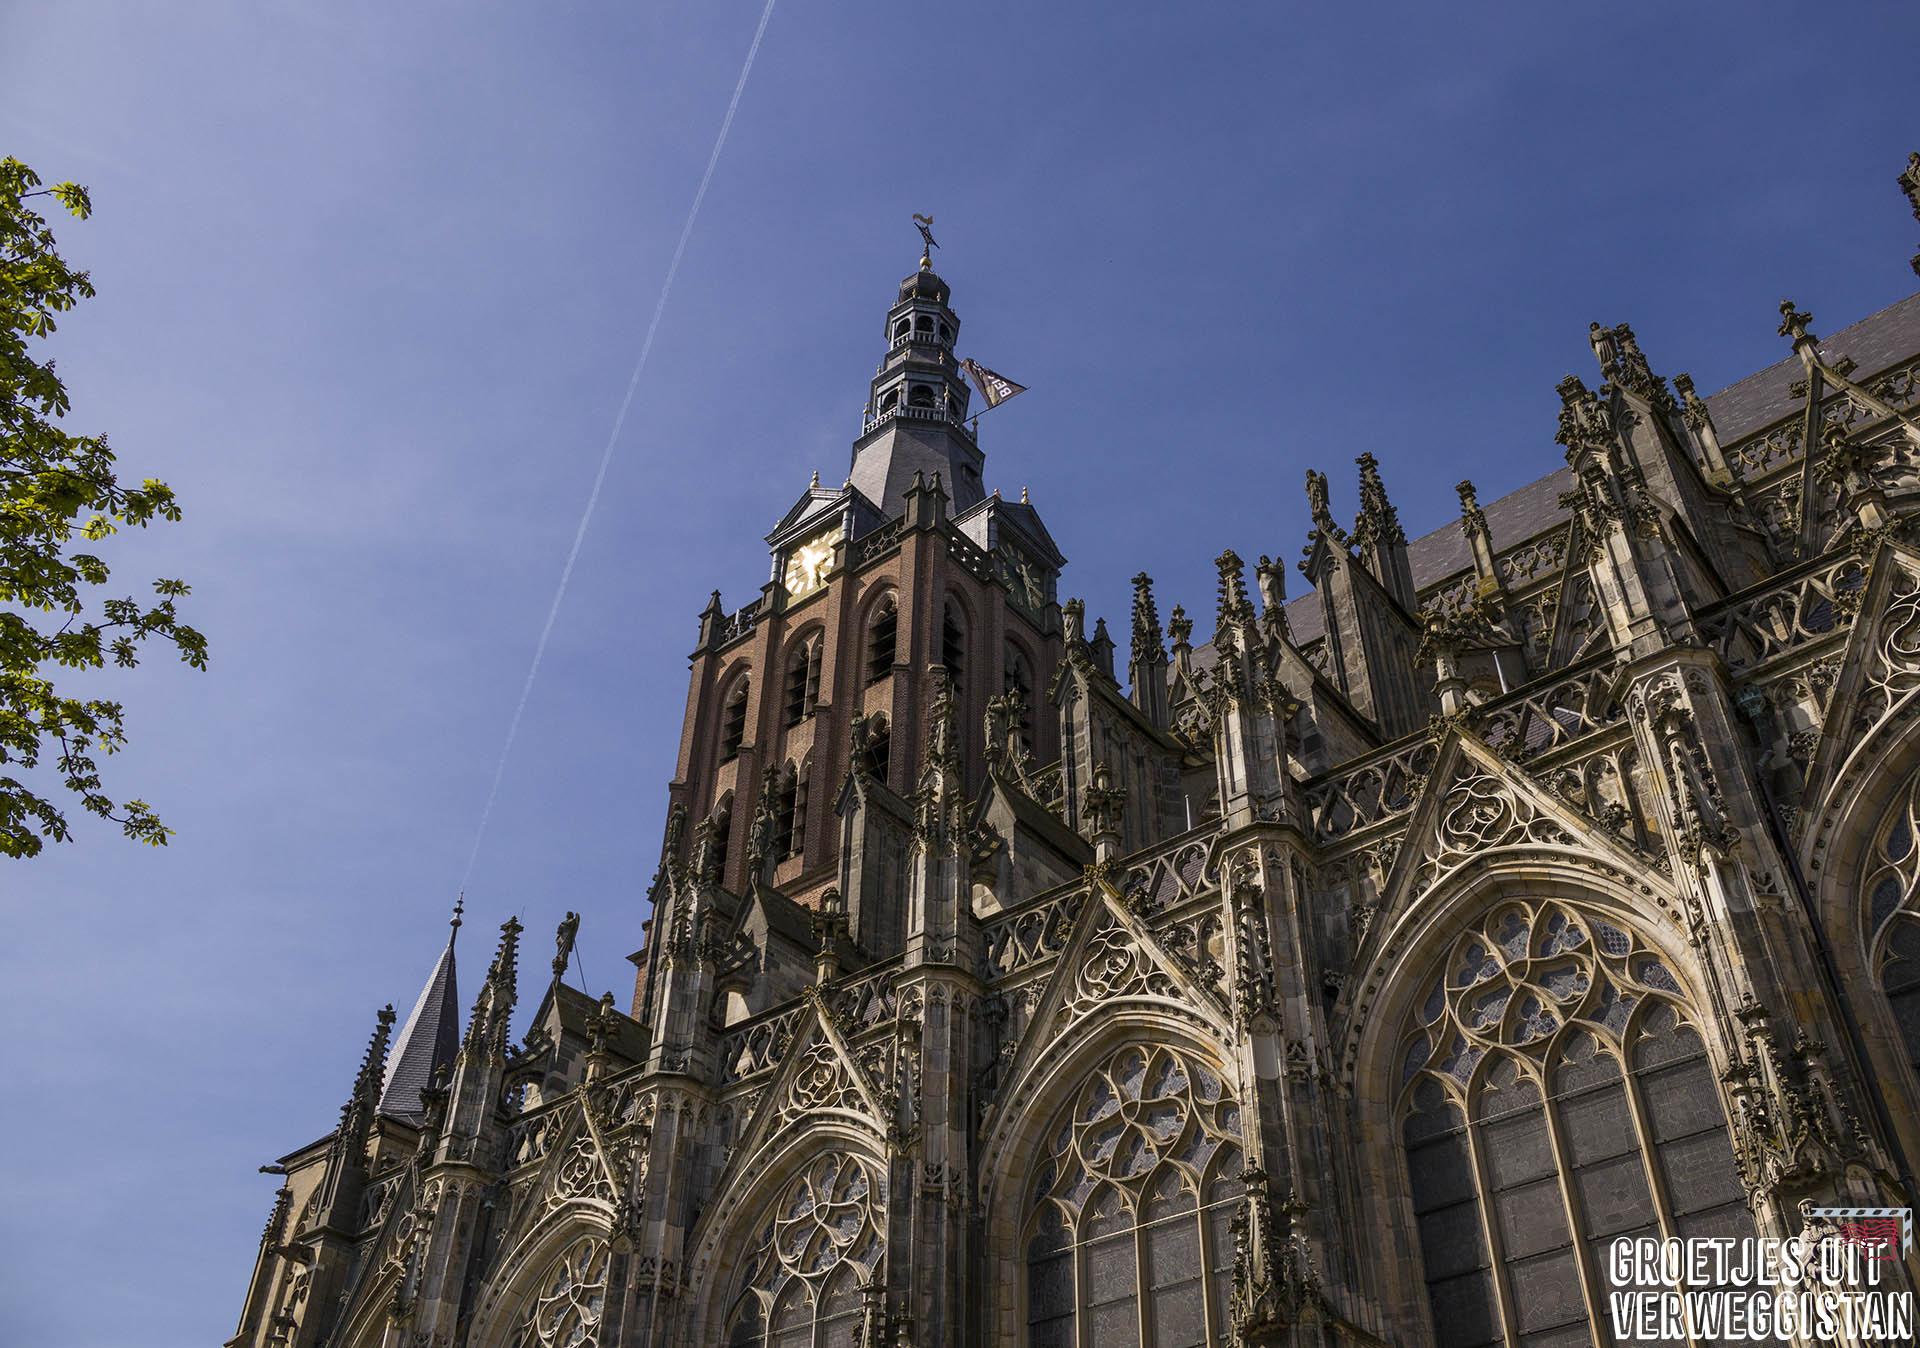 De buitenkant van de gotische Sint-Janskathedraal in Den Bosch.